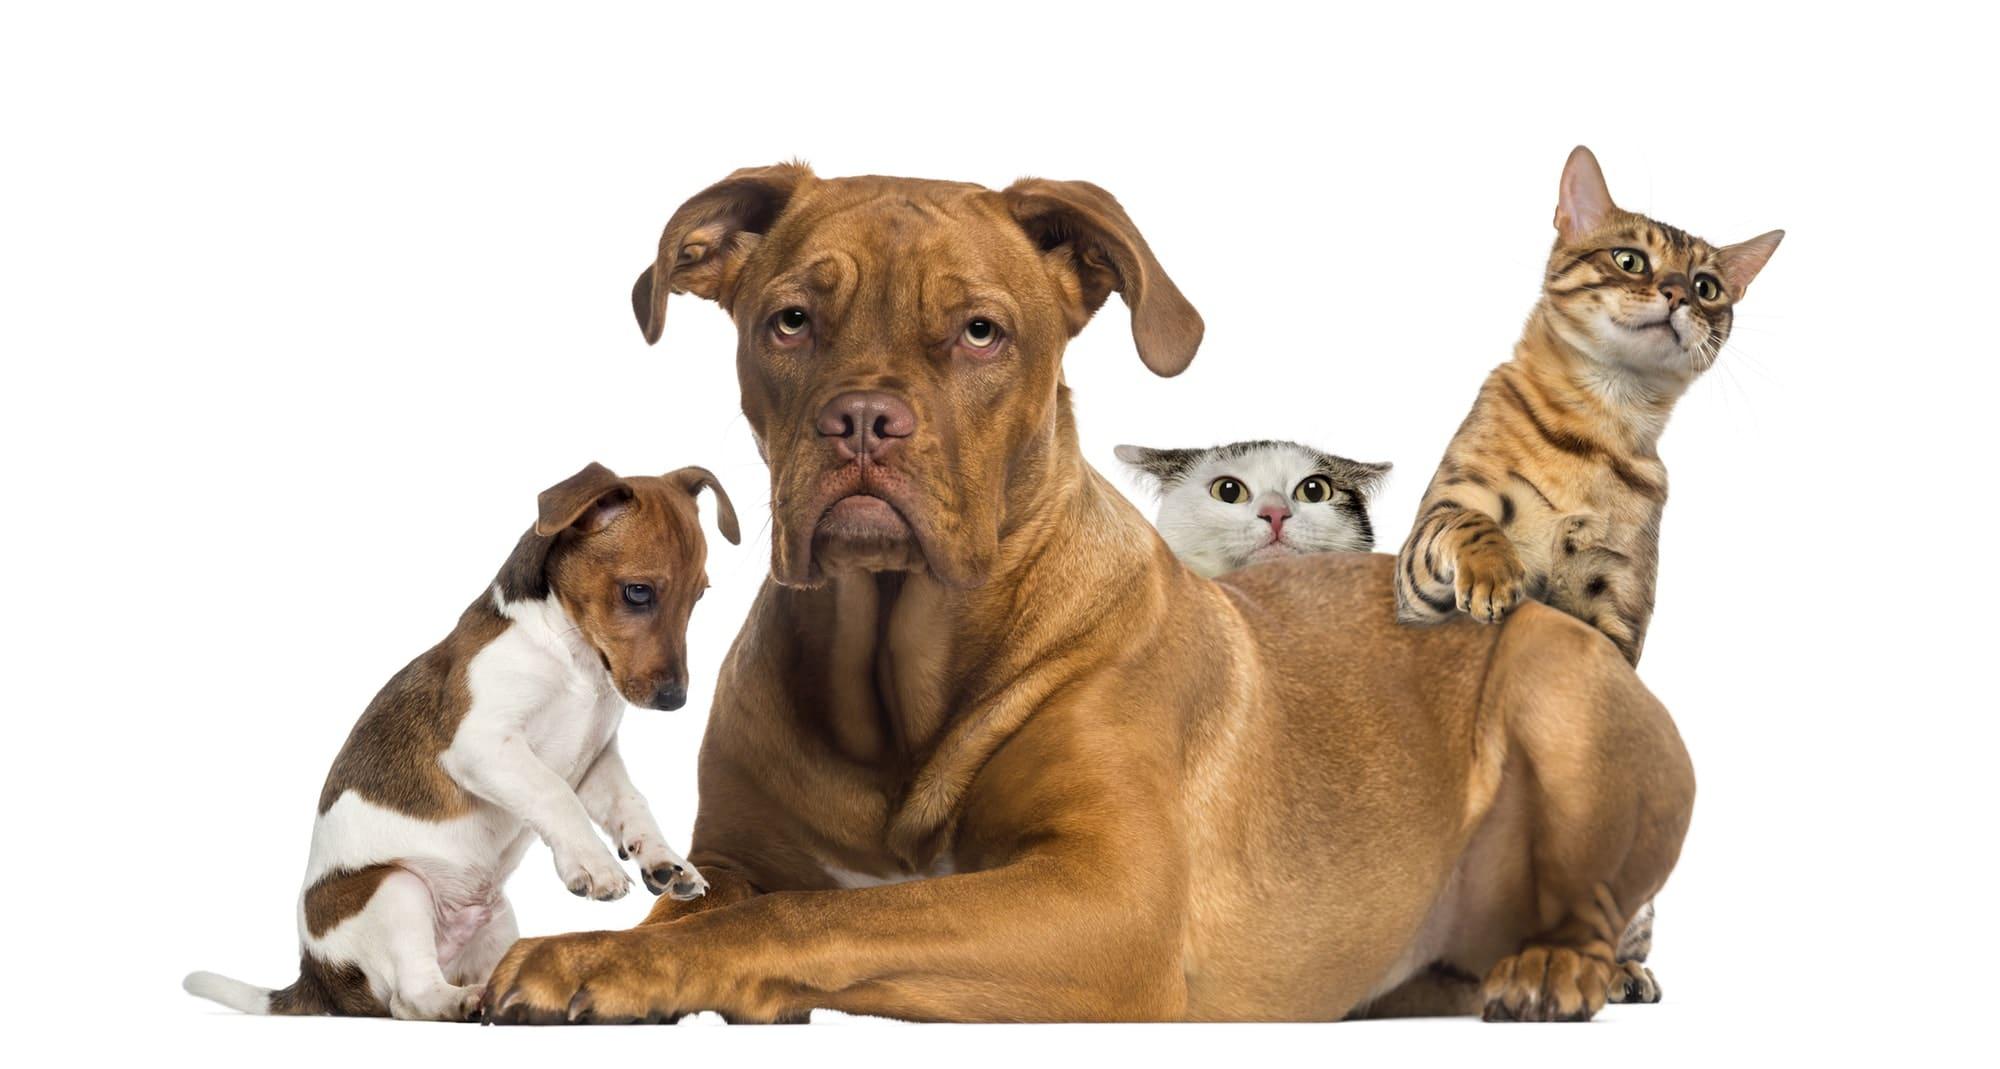 Le Jack Russell et les autres animaux dans la maison